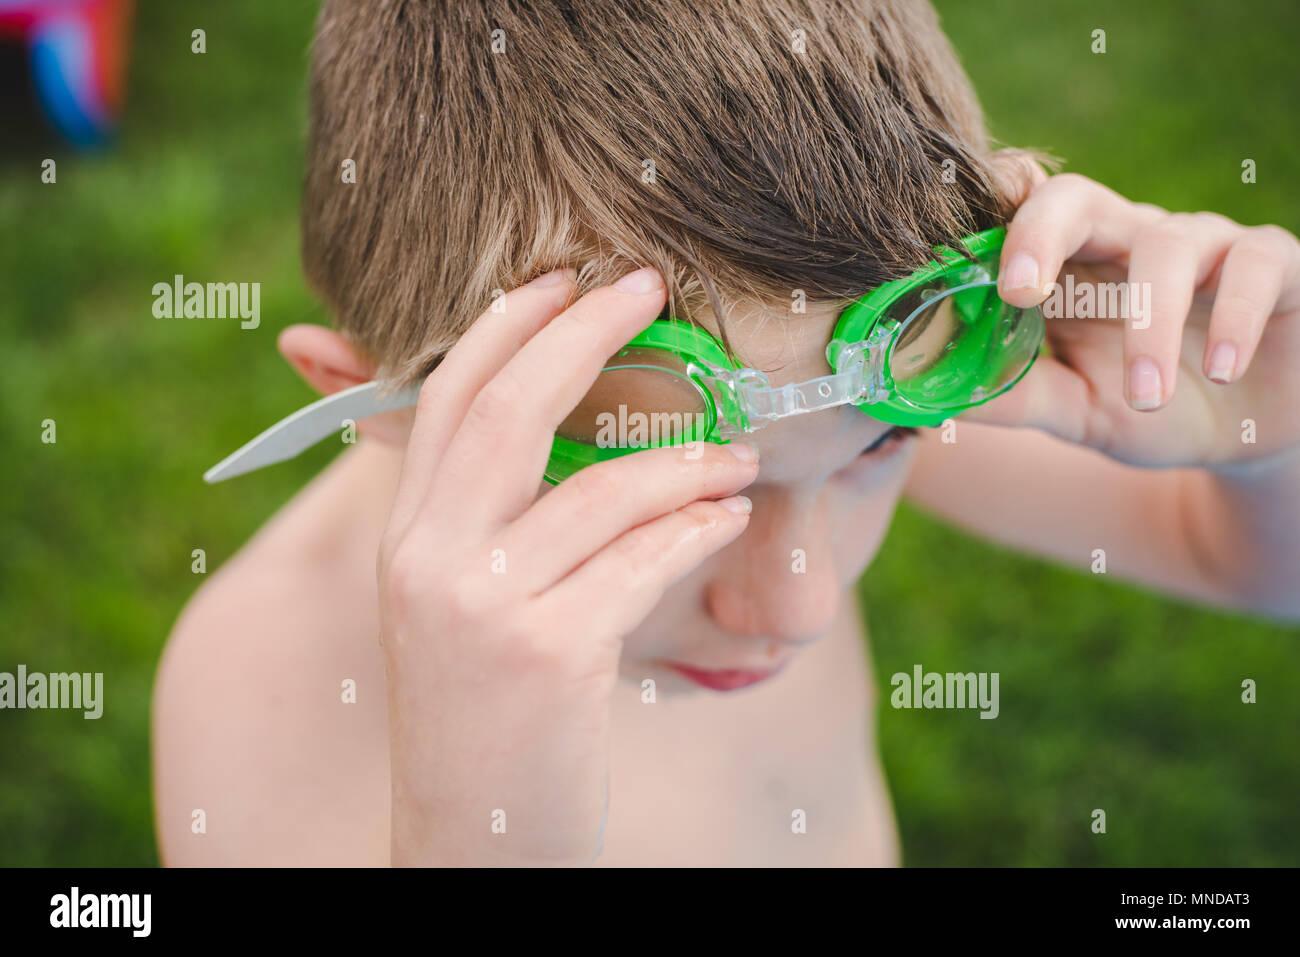 Un garçon portant des lunettes de natation vert sur une journée ensoleillée Photo Stock